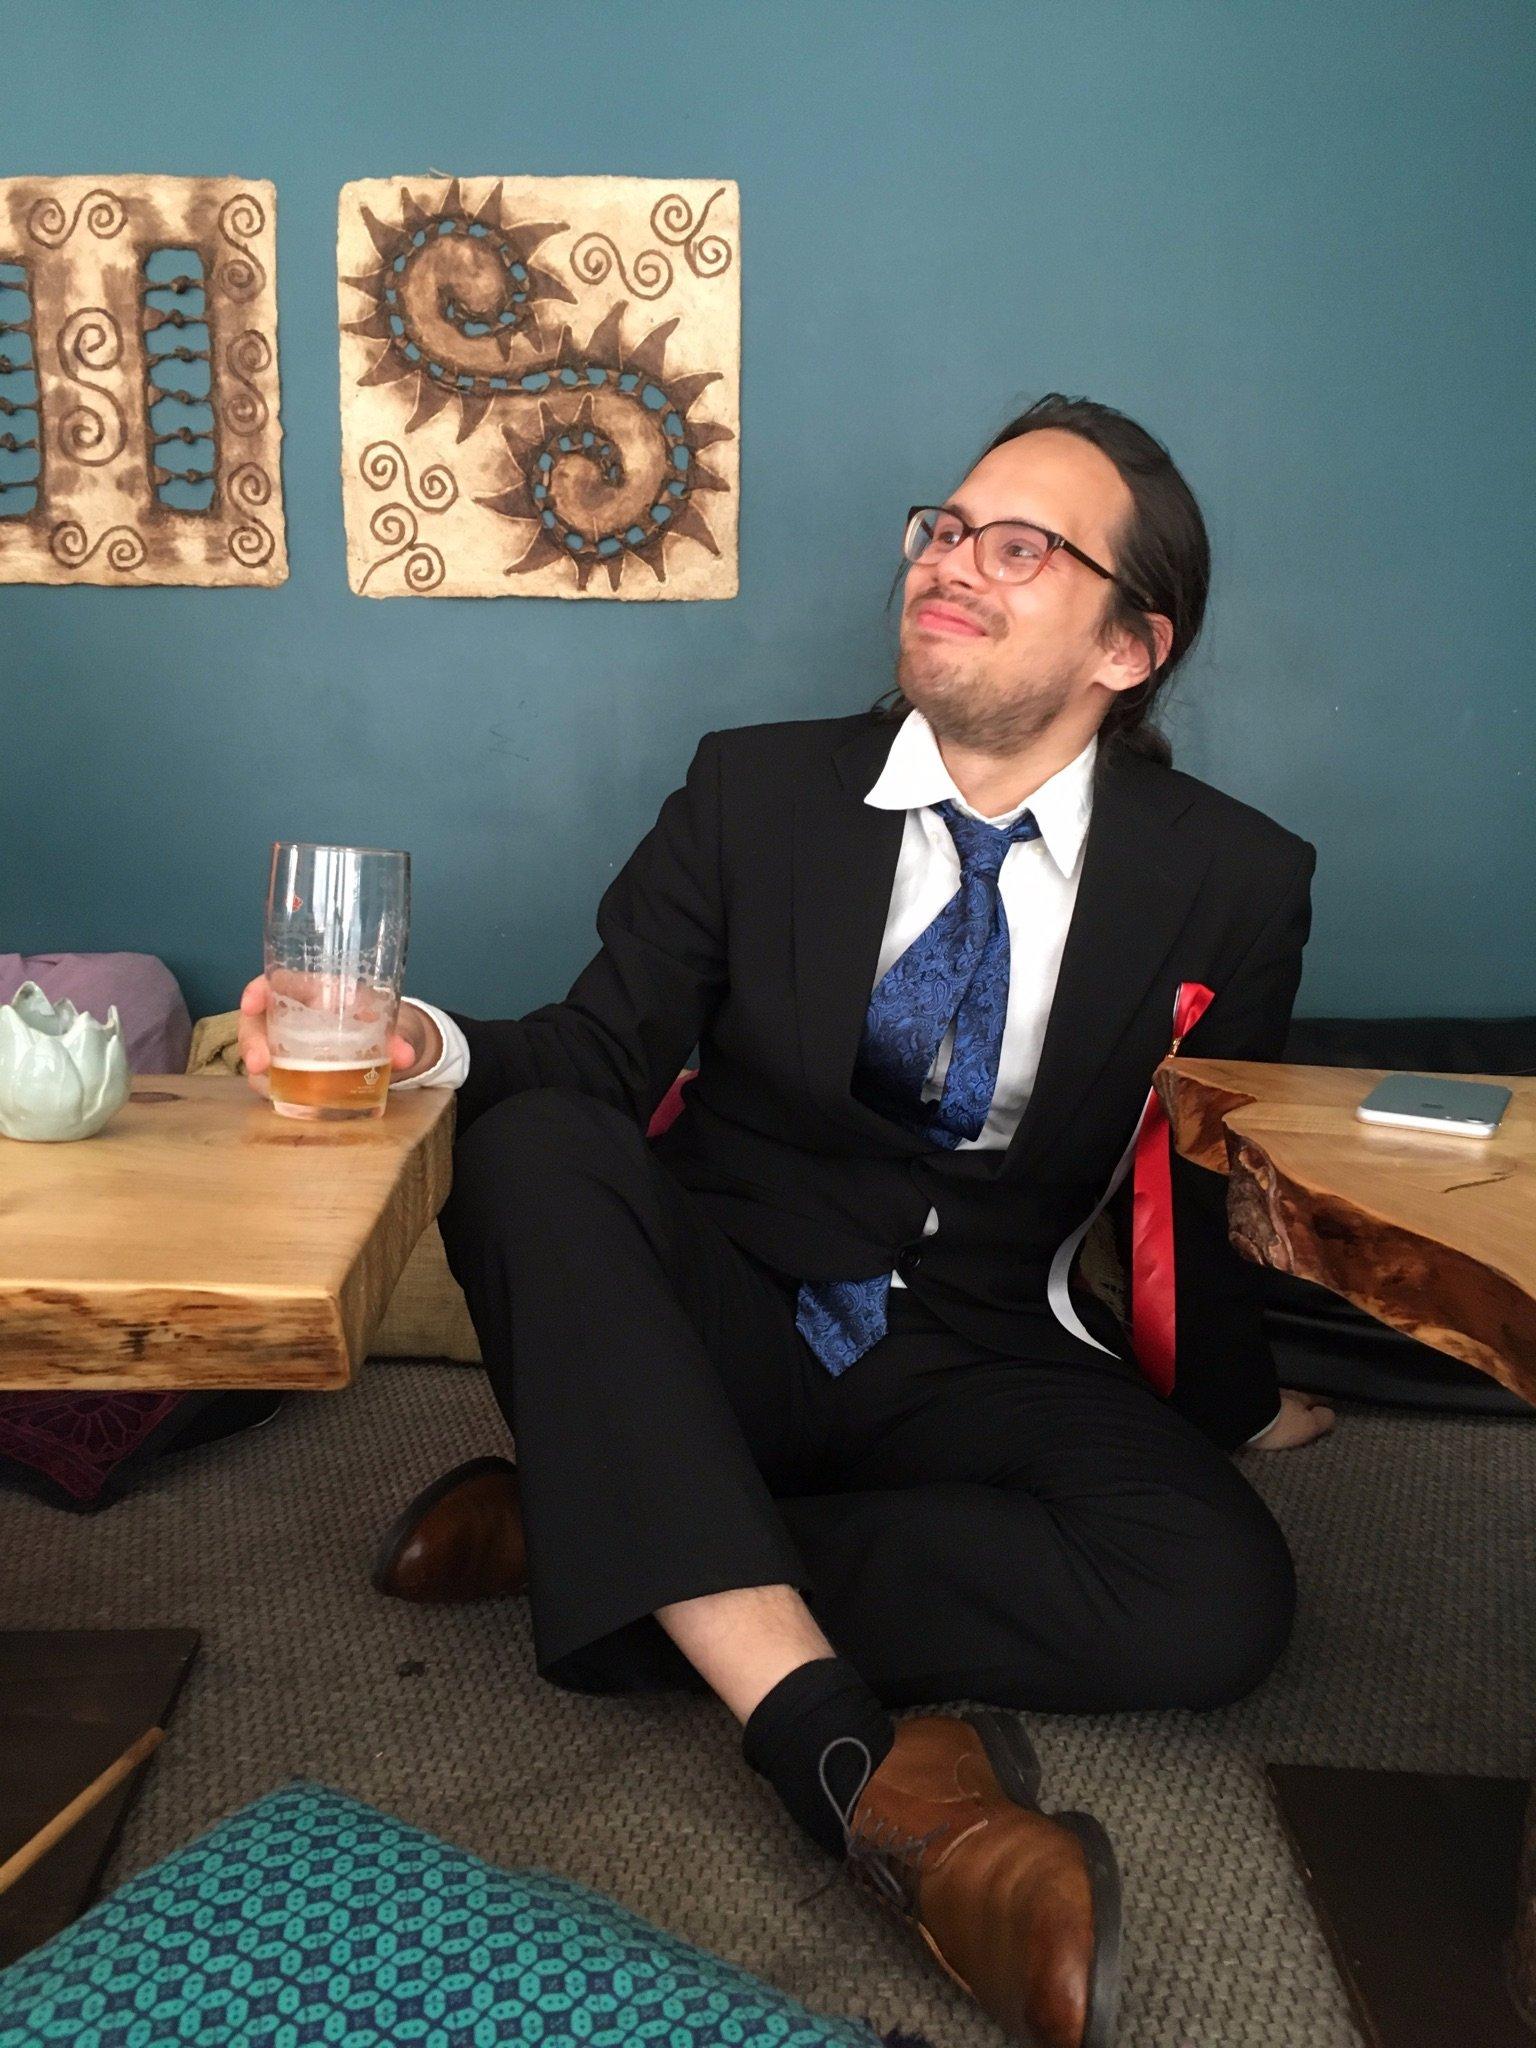 Nils sitting at a bar, smiling.